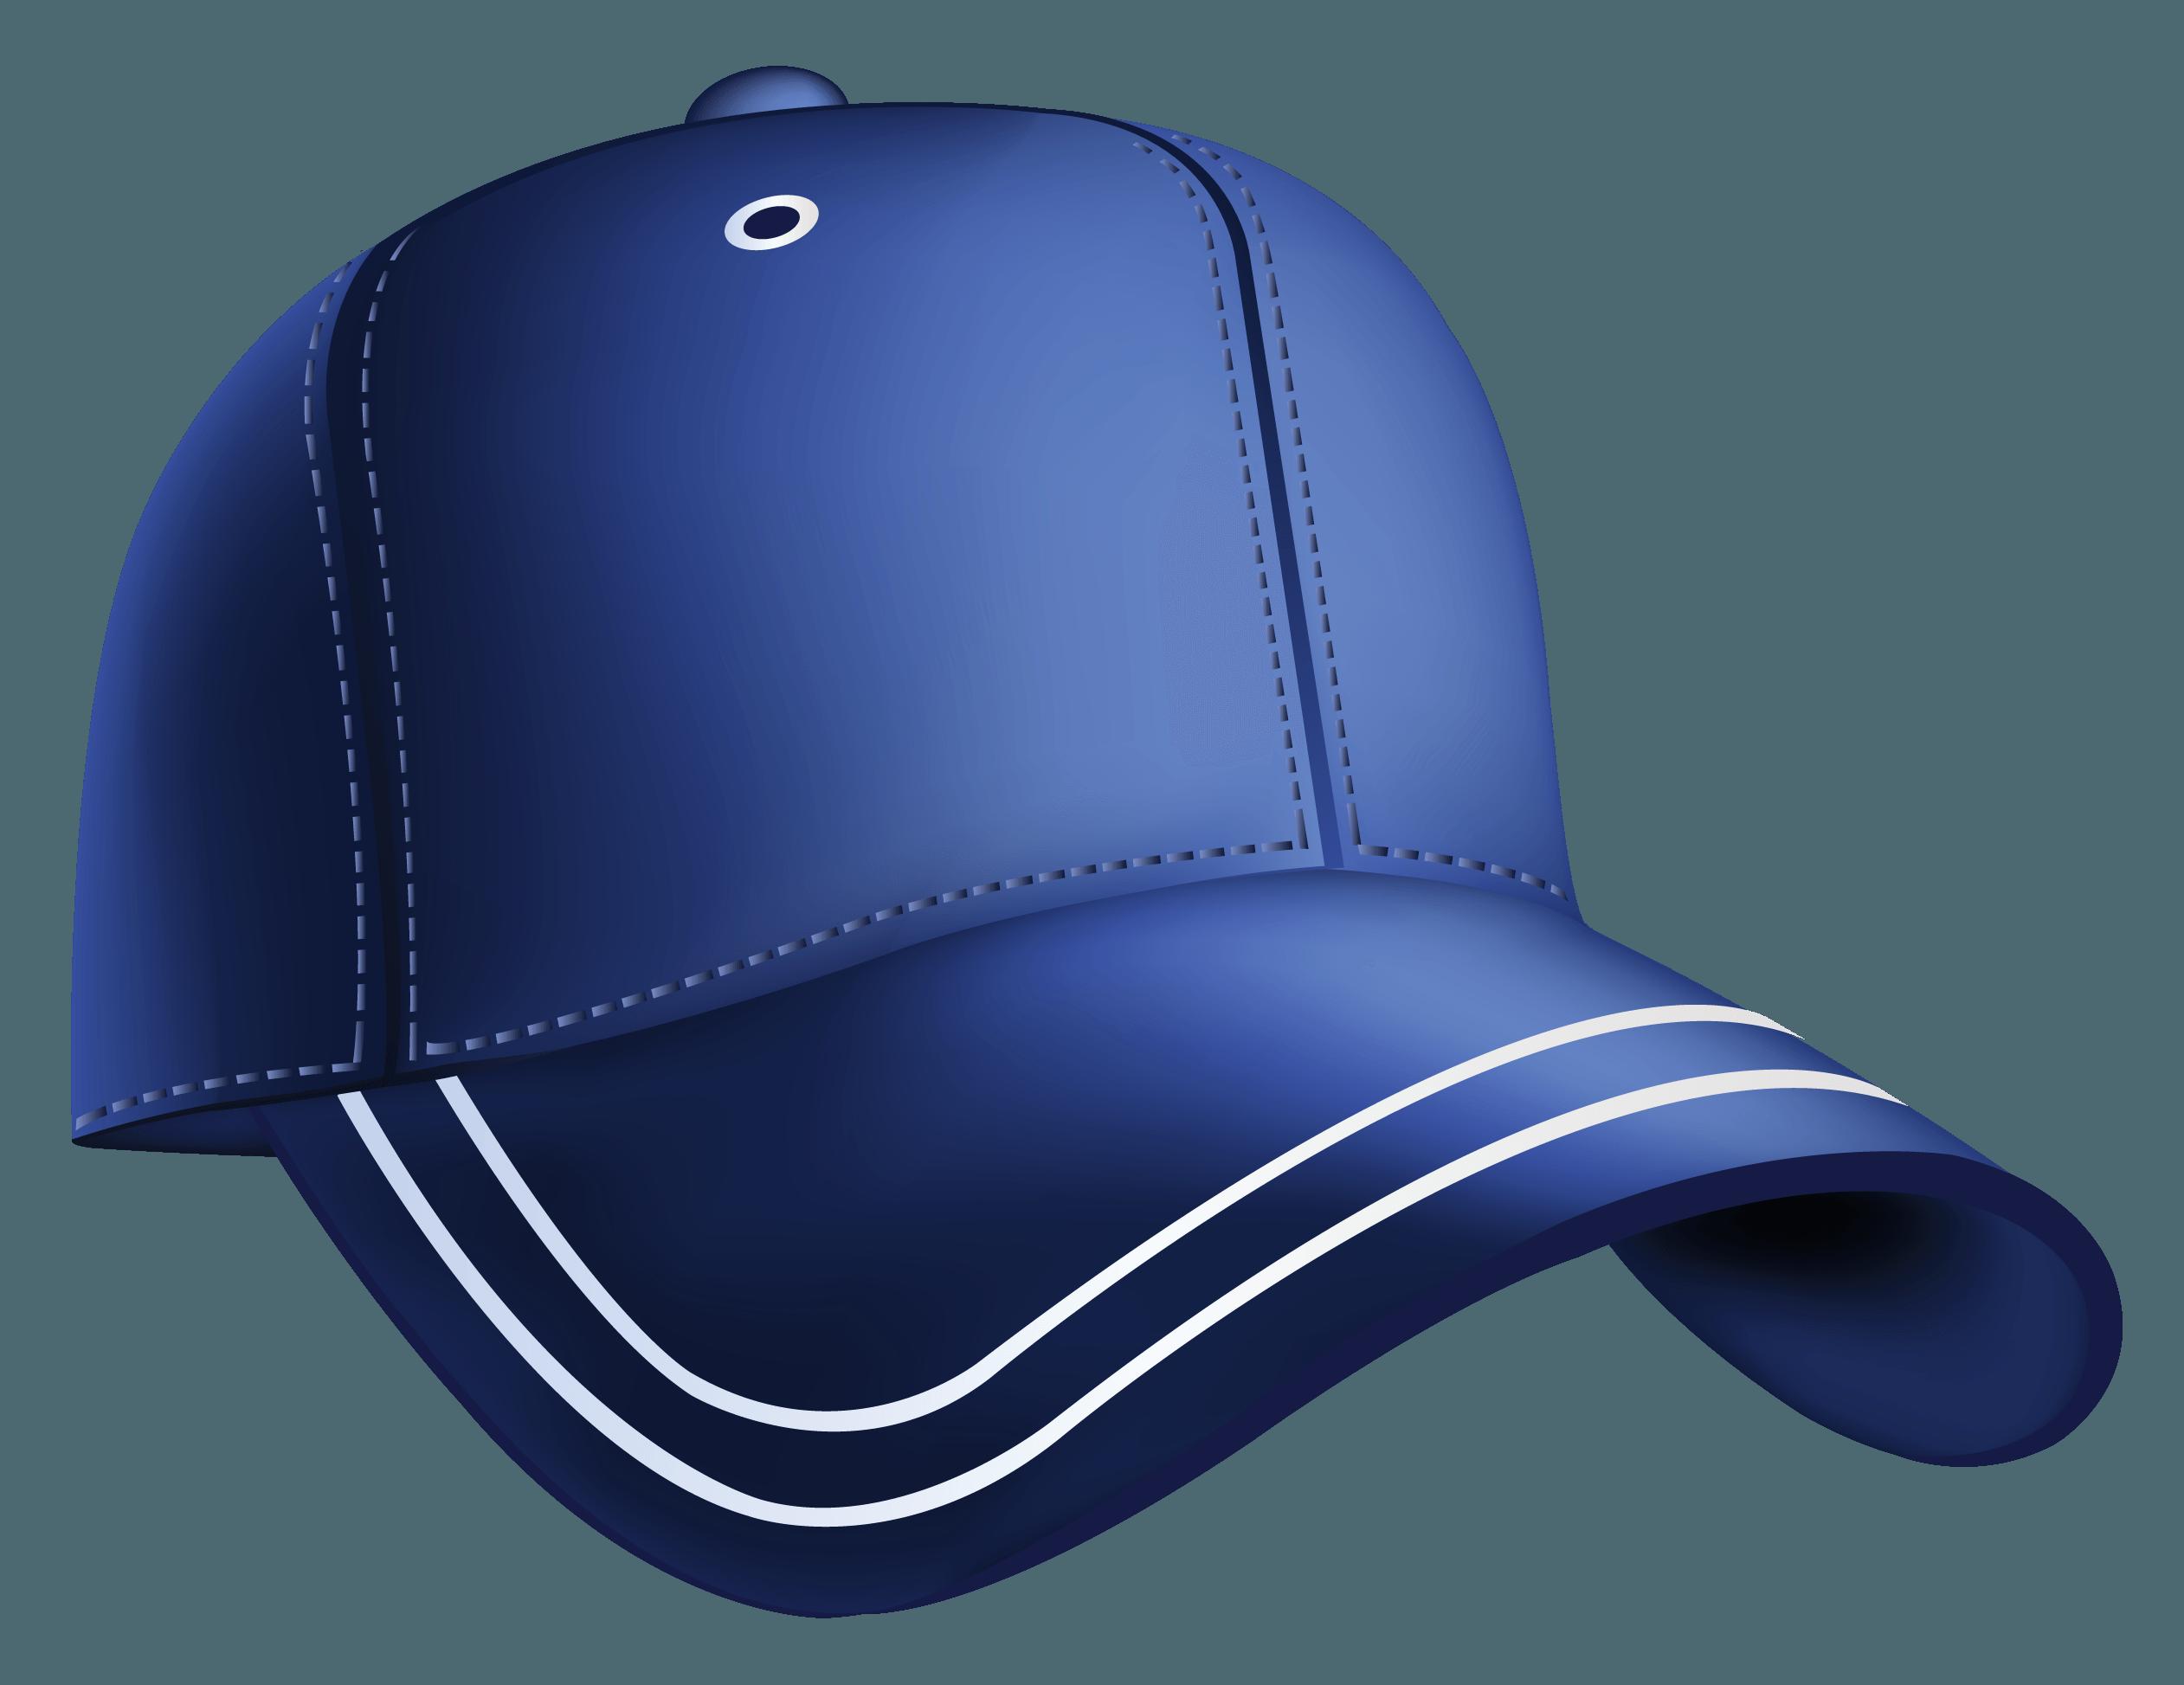 Download Baseball Cap PNG Photos 1.